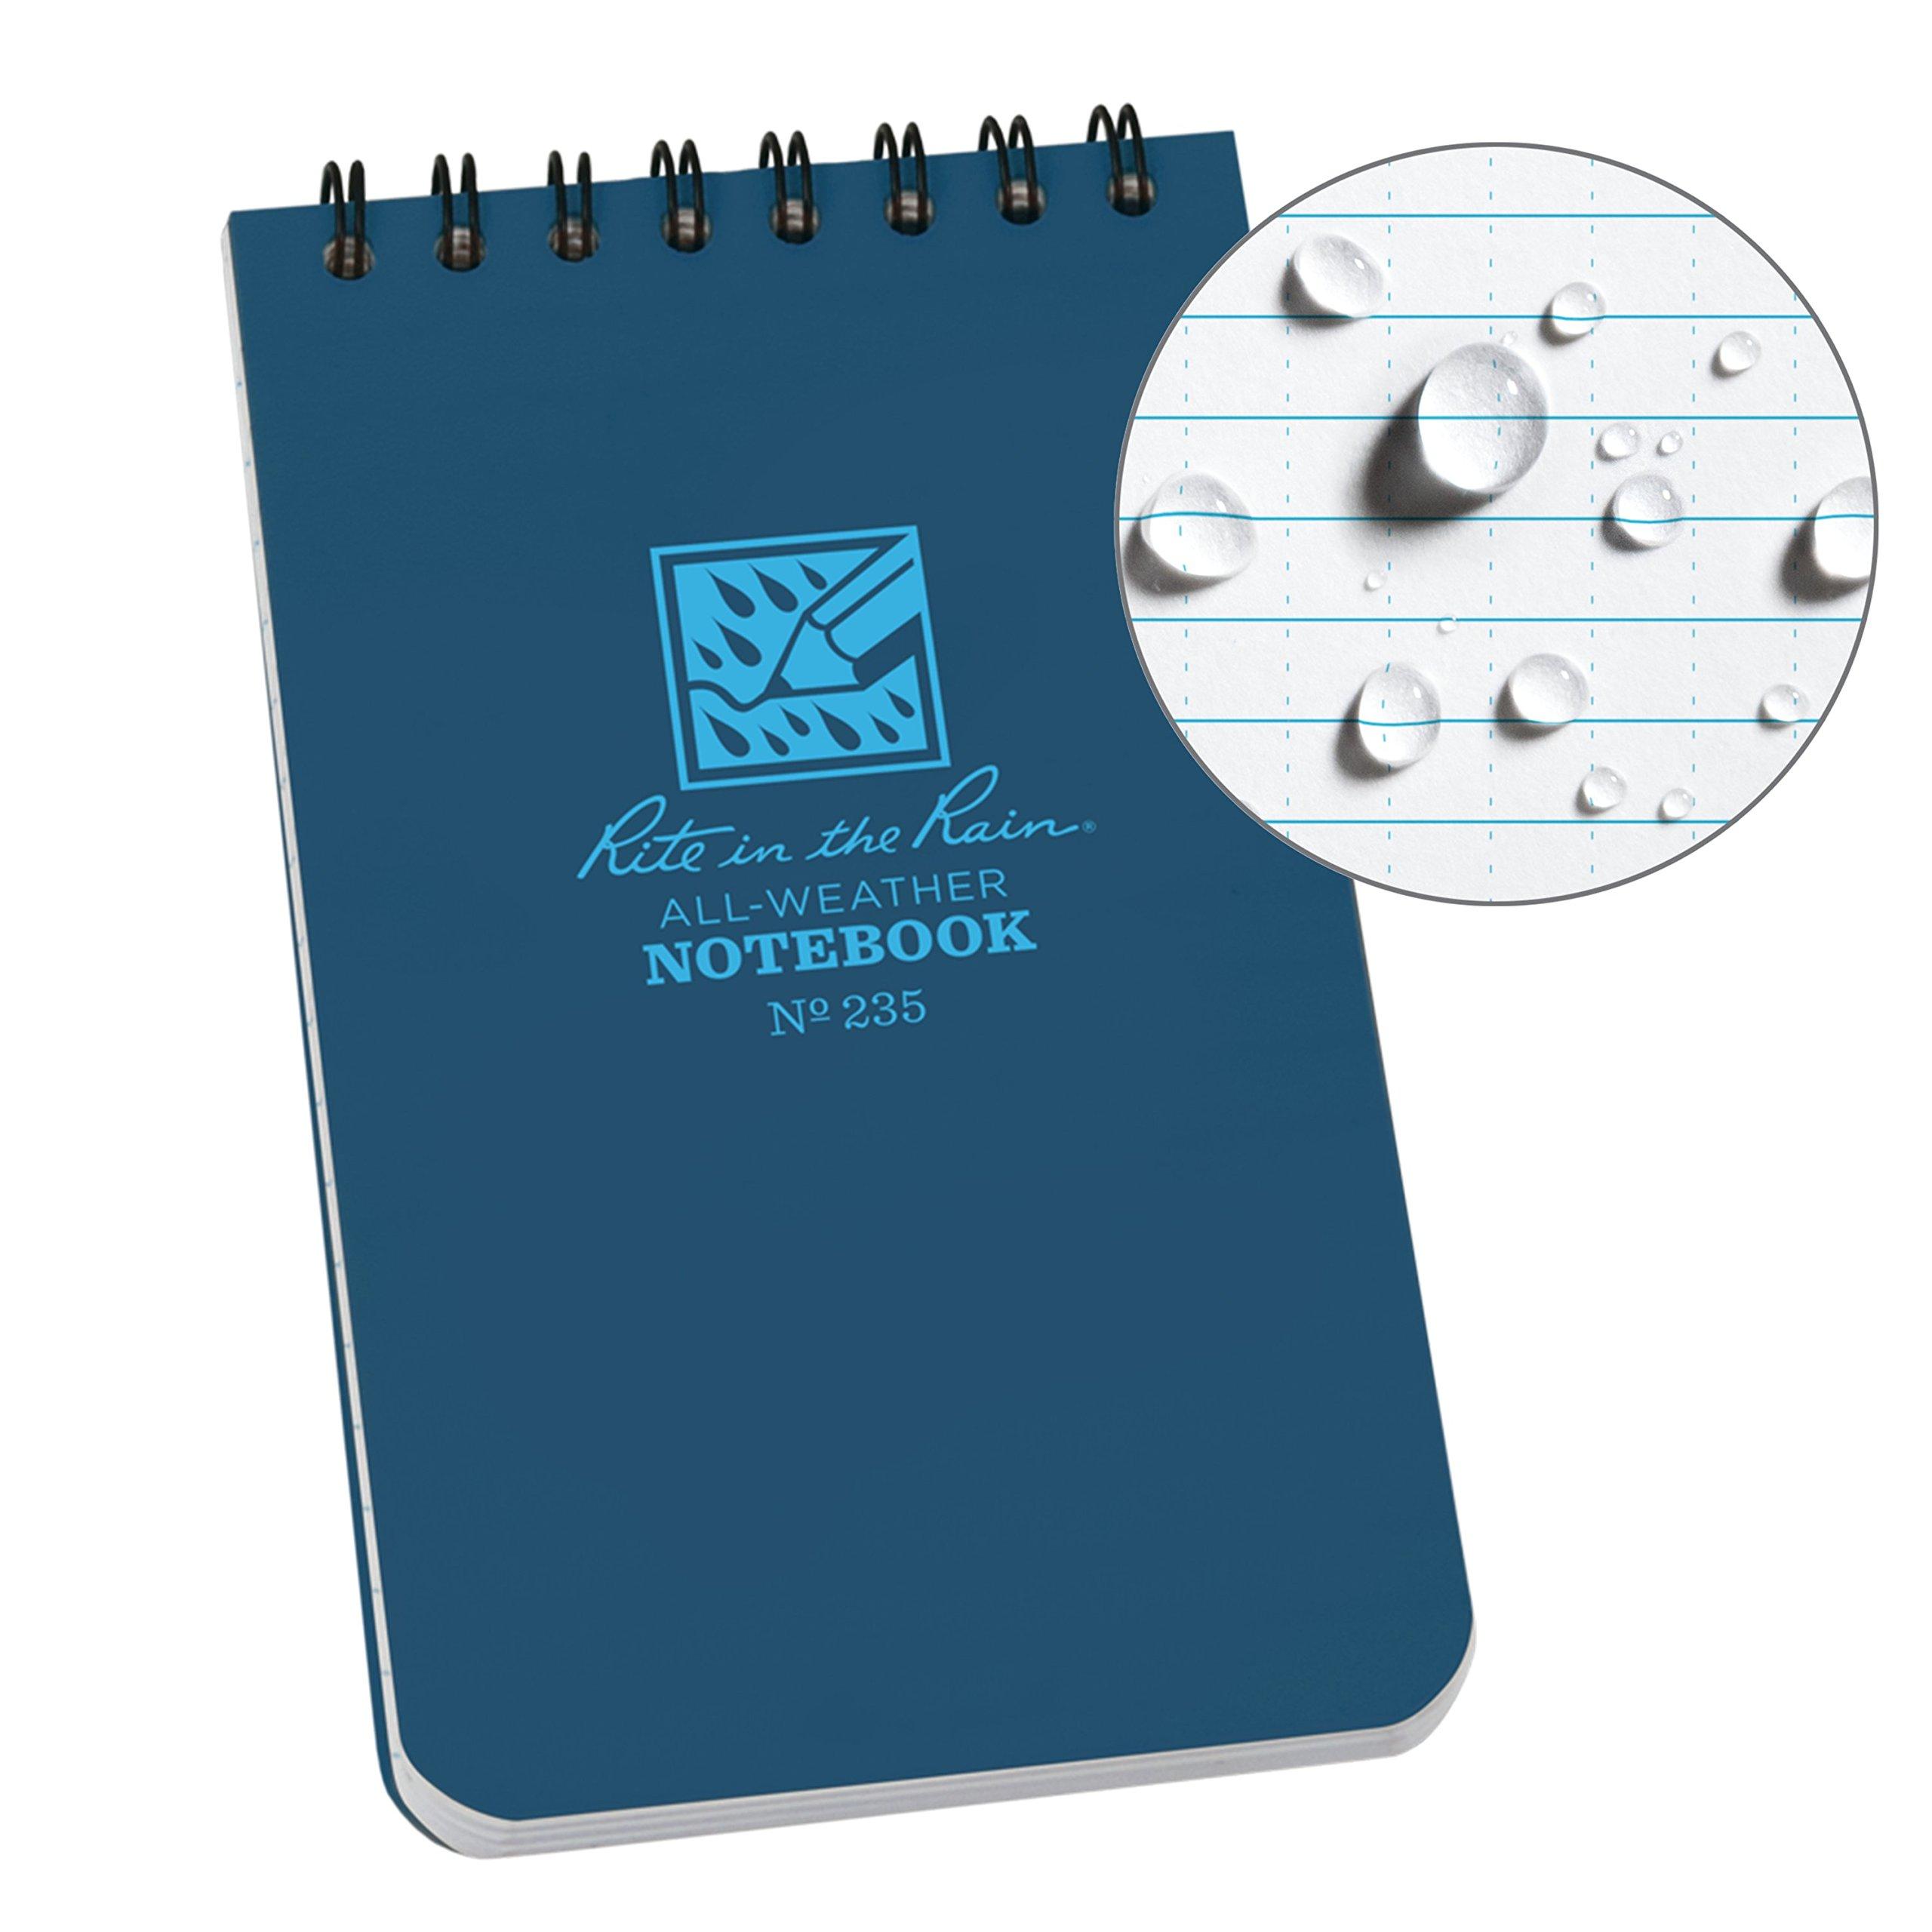 Cuaderno de notas, de Rite in the Rain, color azul 1 Pack: Amazon.es: Oficina y papelería